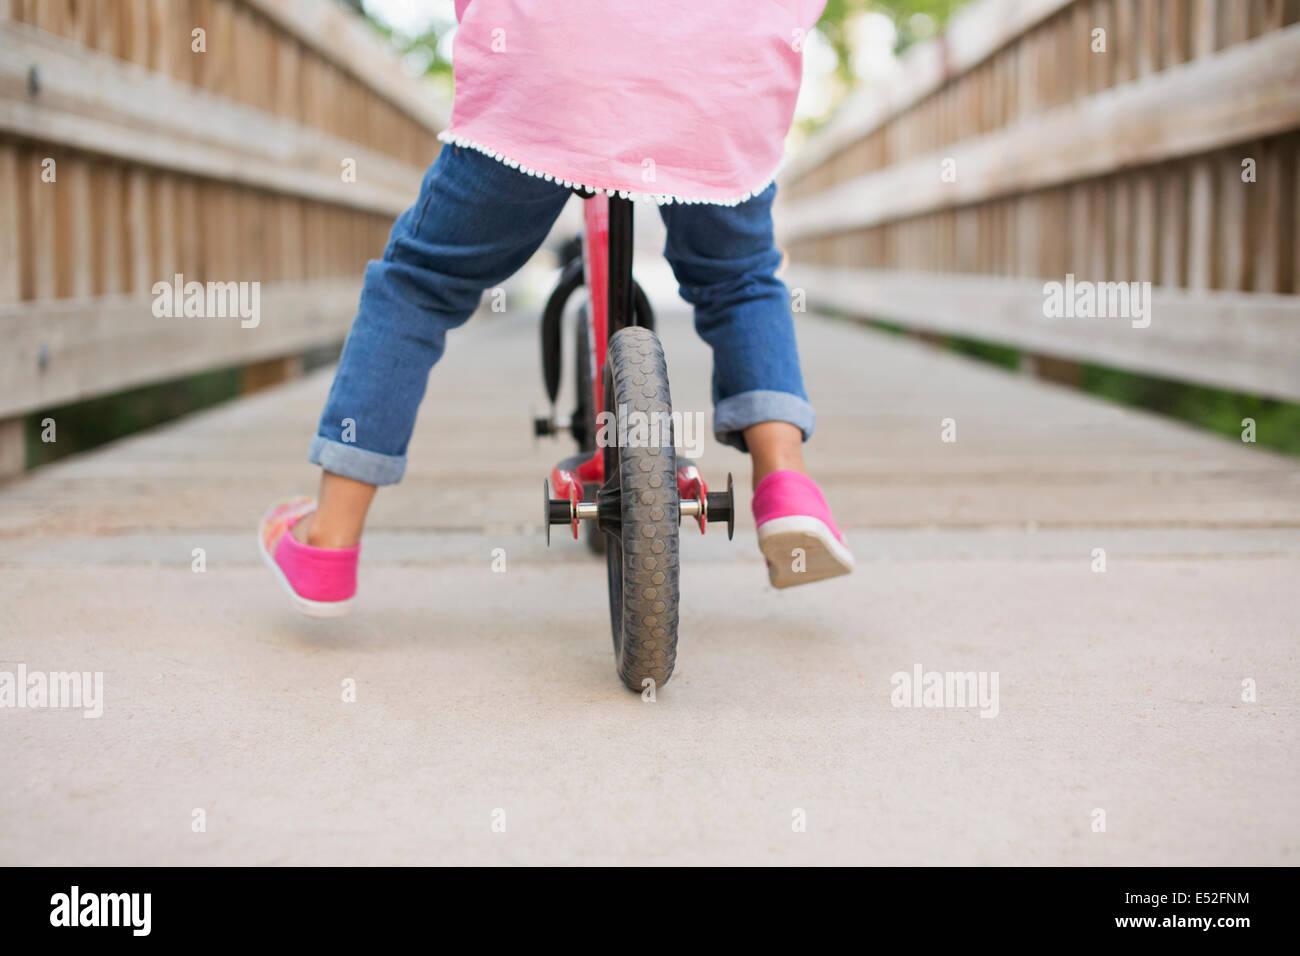 Un bambino in sella ad una bicicletta su una passerella. Immagini Stock